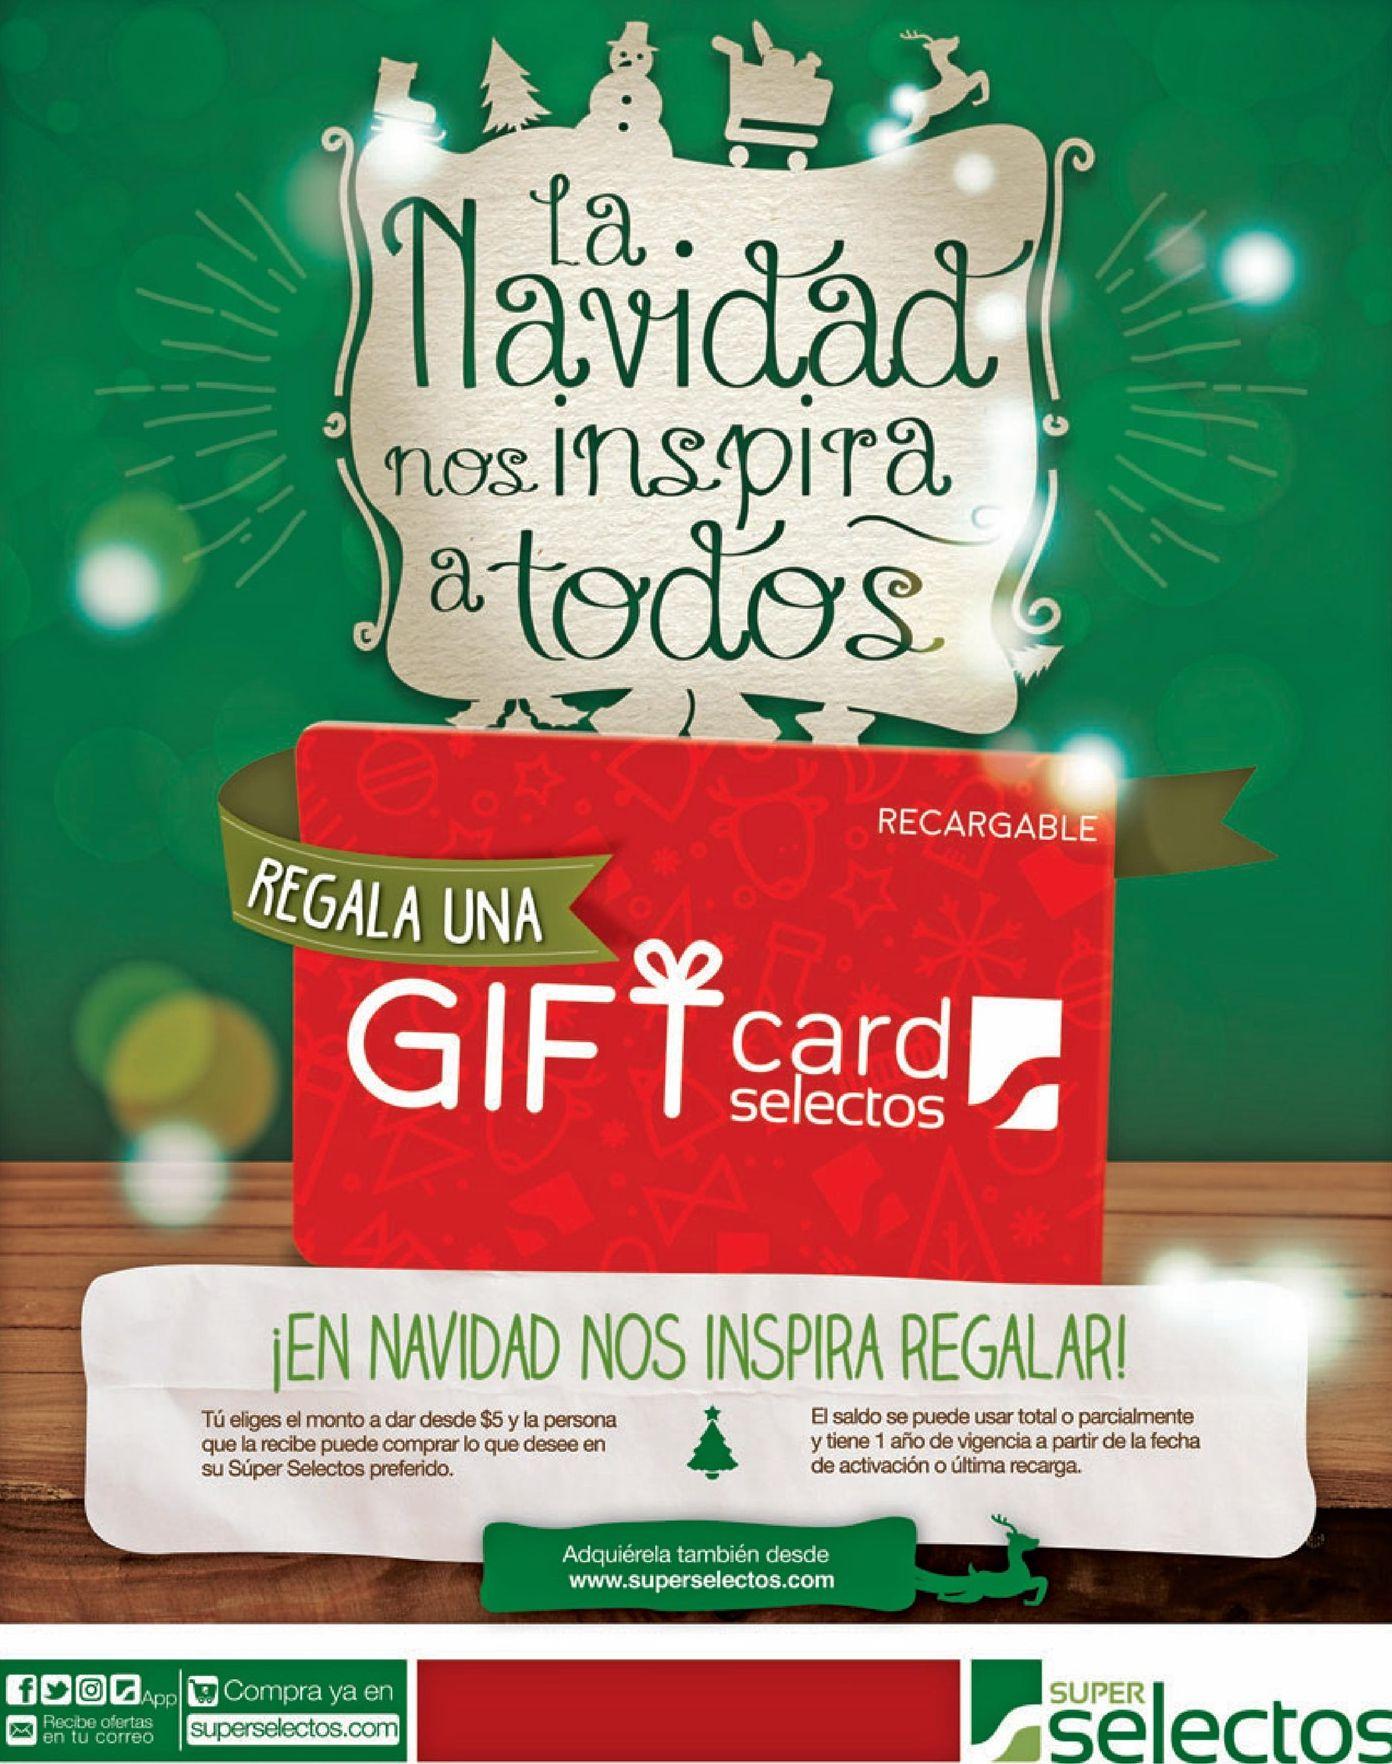 Cuanto cuestan las gift card de super selectos ofertas ahora for Cuanto cuestan las albercas en walmart